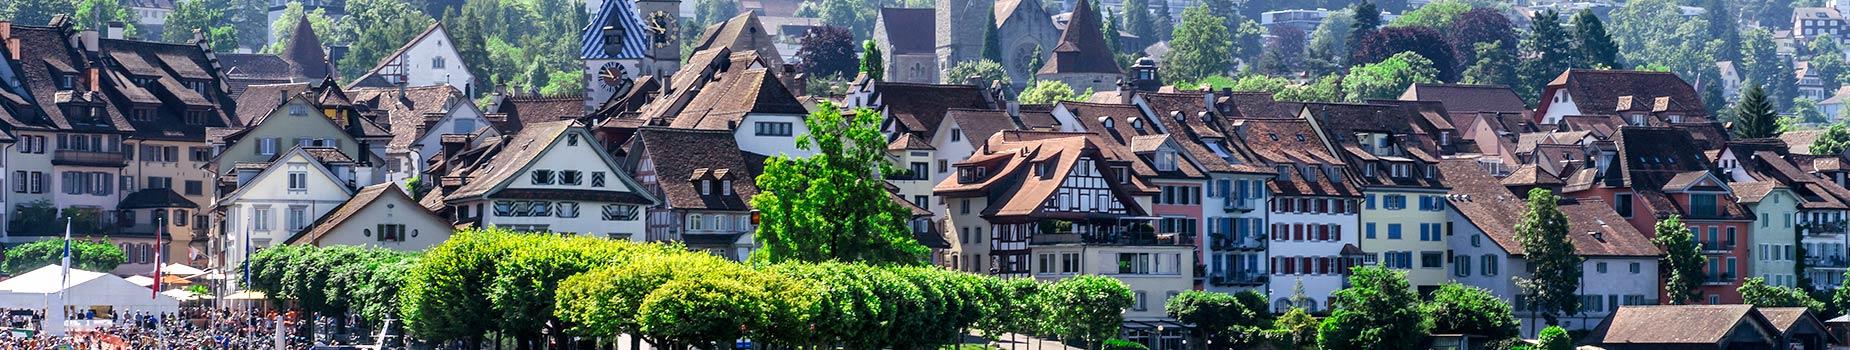 Busrondreis Zwitserland